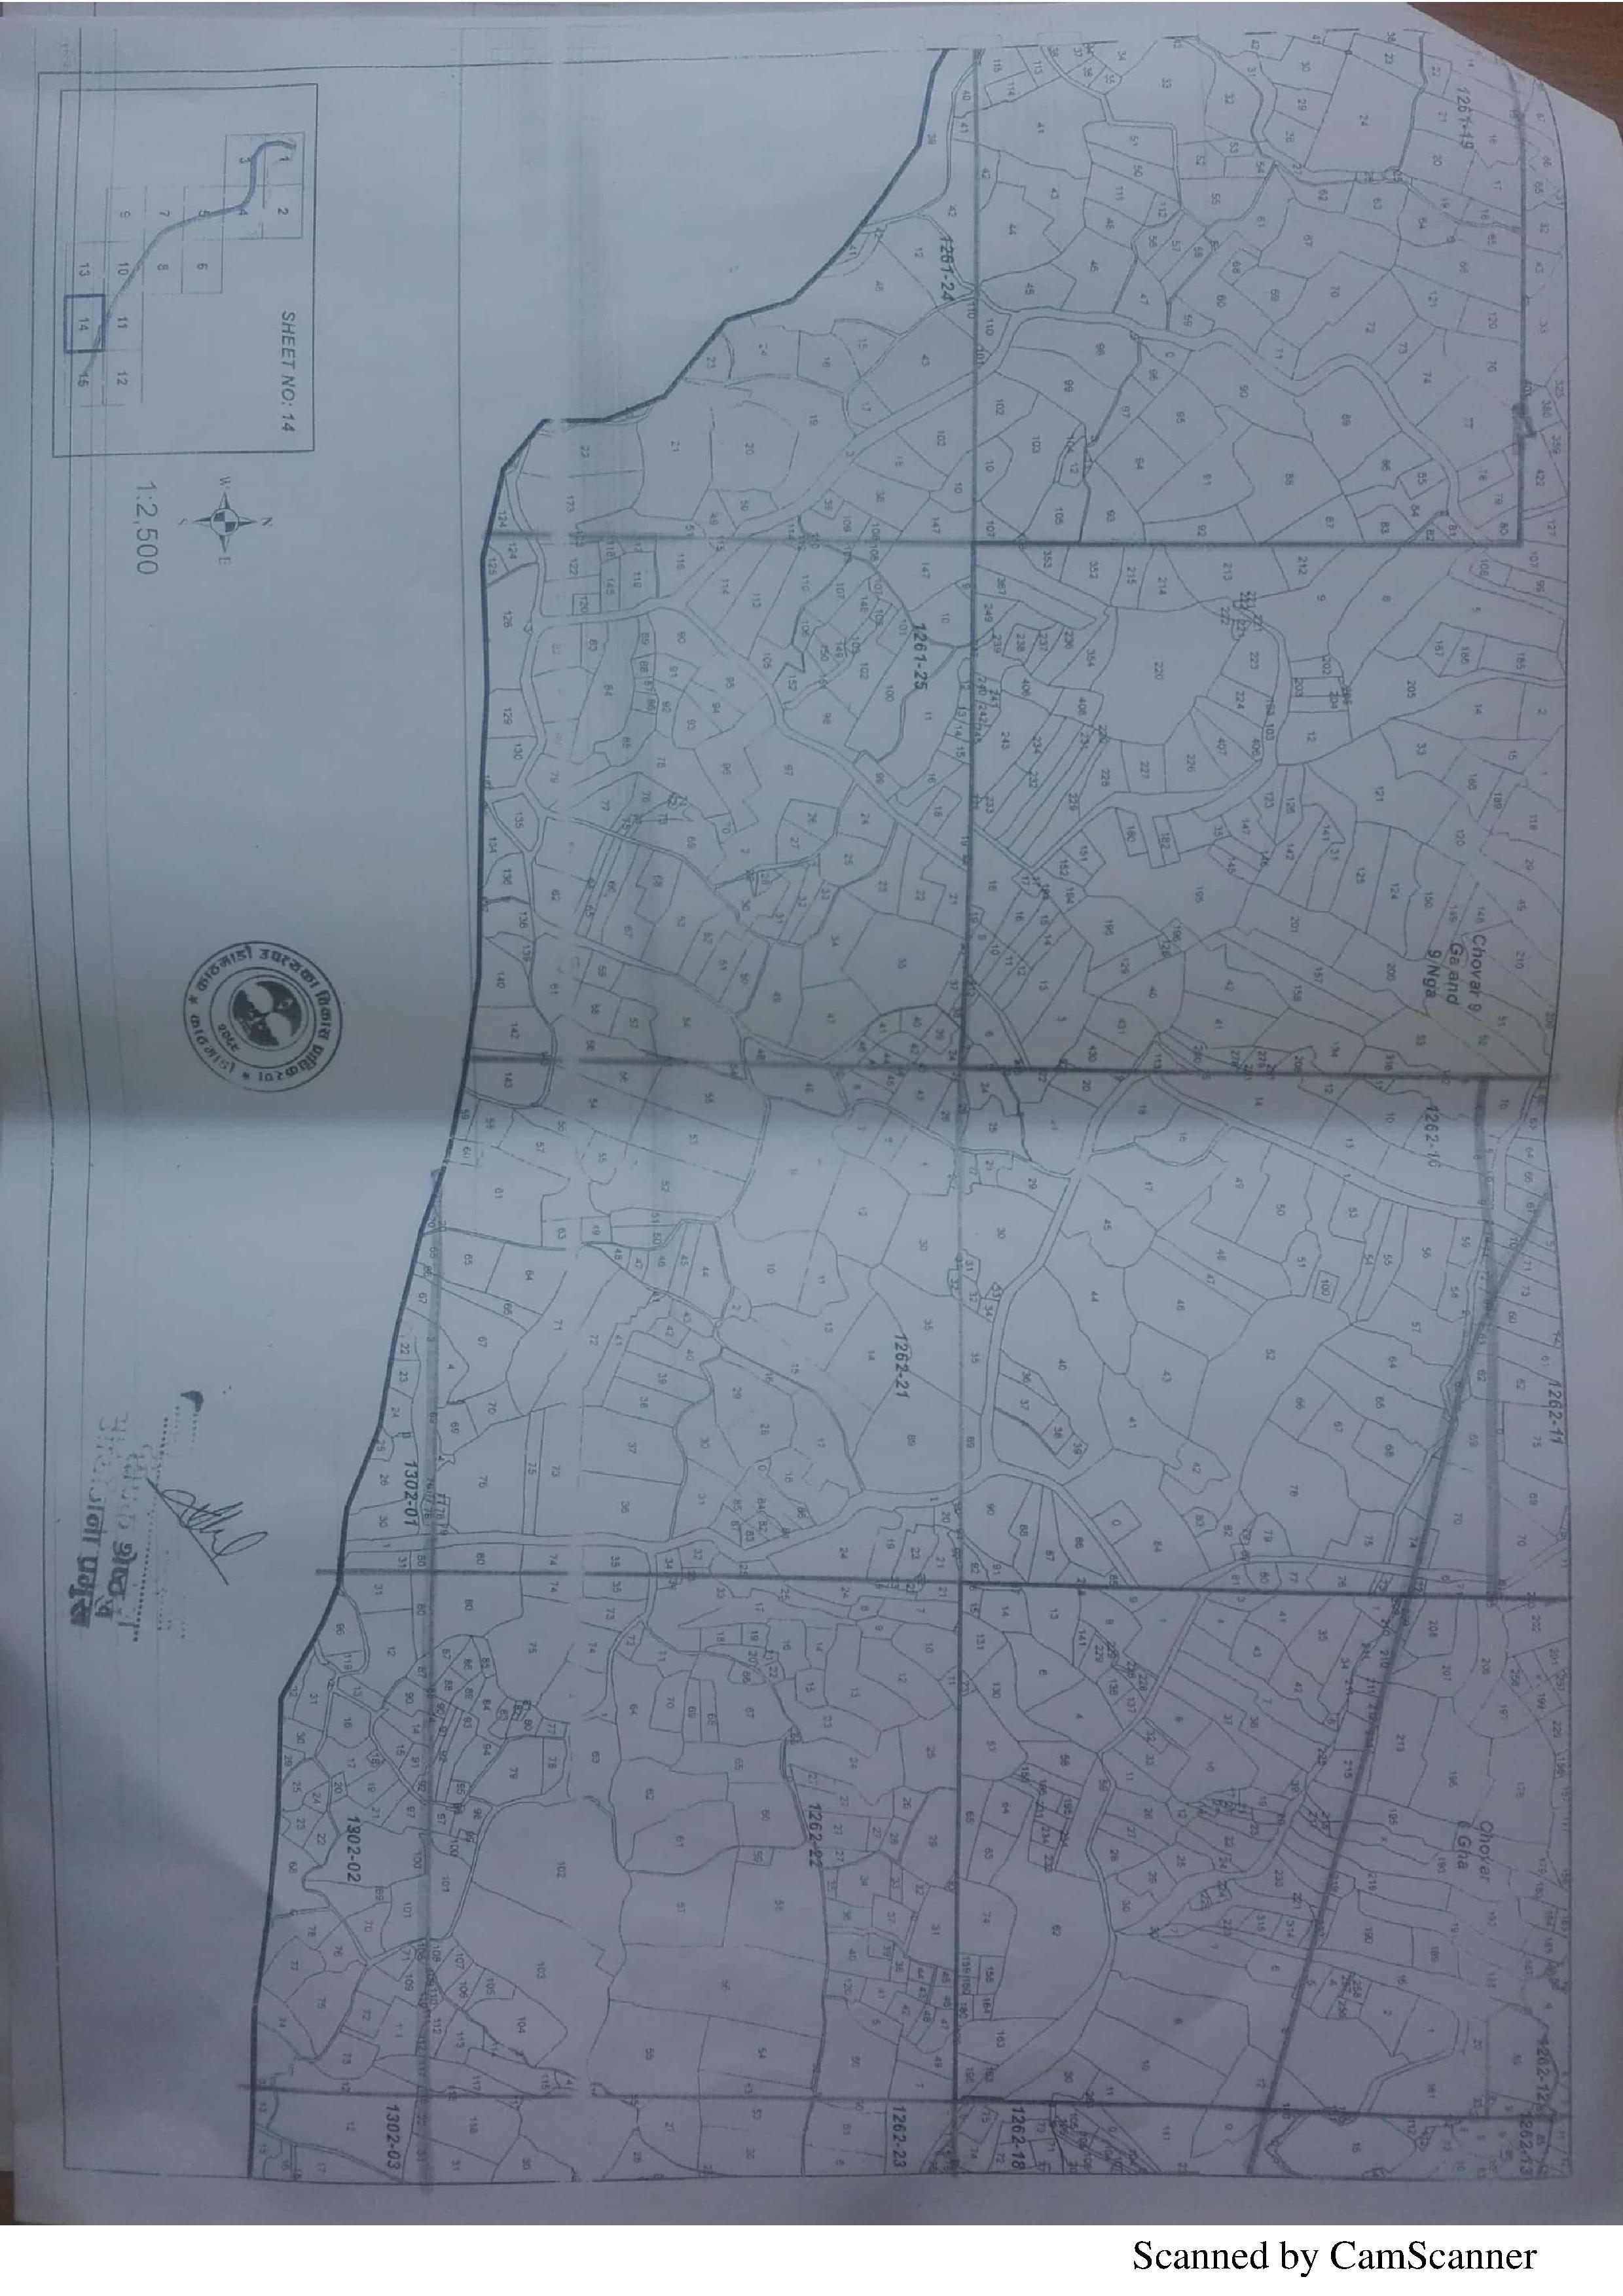 Chandragirinews outer-ring-road-13 बाहिरी चक्रपथको डि.पि.आर. (कित्ता न. सहित) तीनथाना दहचोक नगरपालिका नैकाप नयाँ भन्ज्यांग नैकाप पुरानो भन्ज्यांग बोसिंगाउँ ब्रेकिंग न्युज मछेगाउँ मातातिर्थ मुख्य राष्ट्रिय सतुंगल    chandragiri